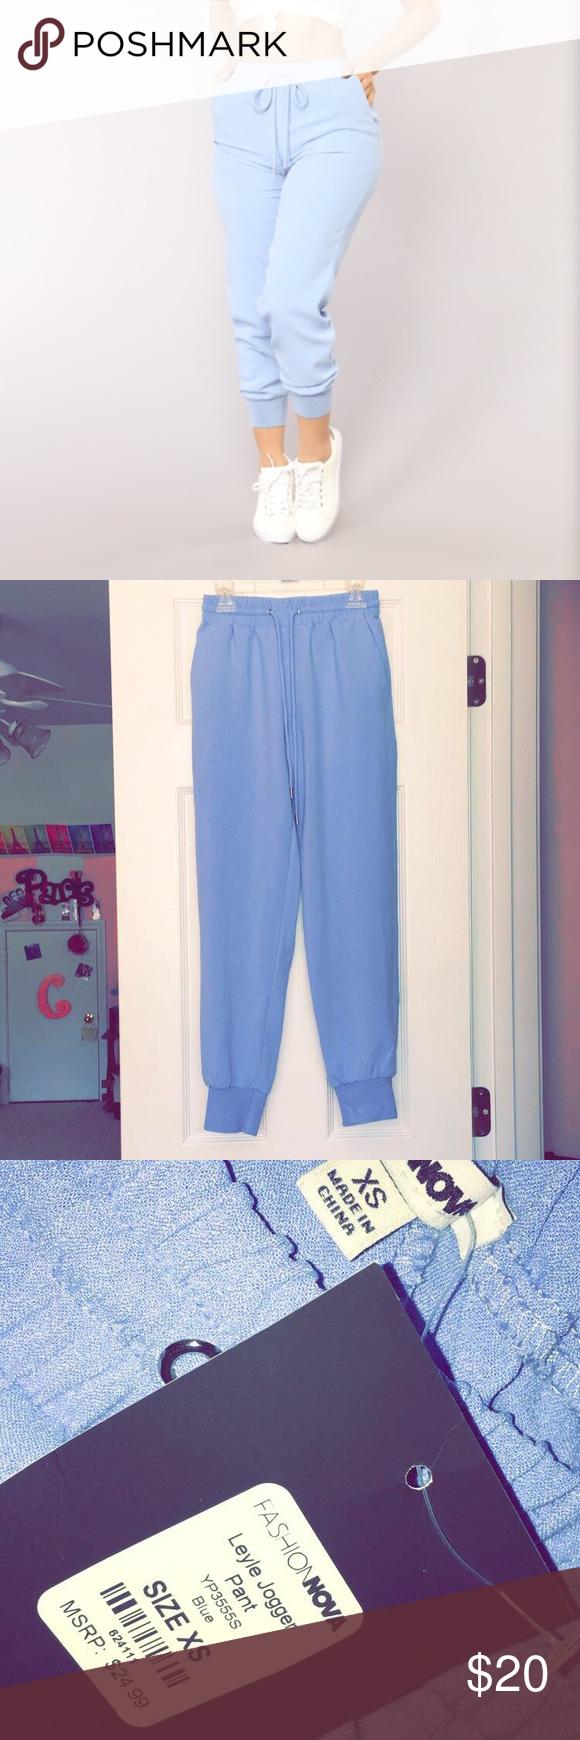 Leyle Jogger Pants Nwt Fashion Nova Pants Jogger Pants Pants